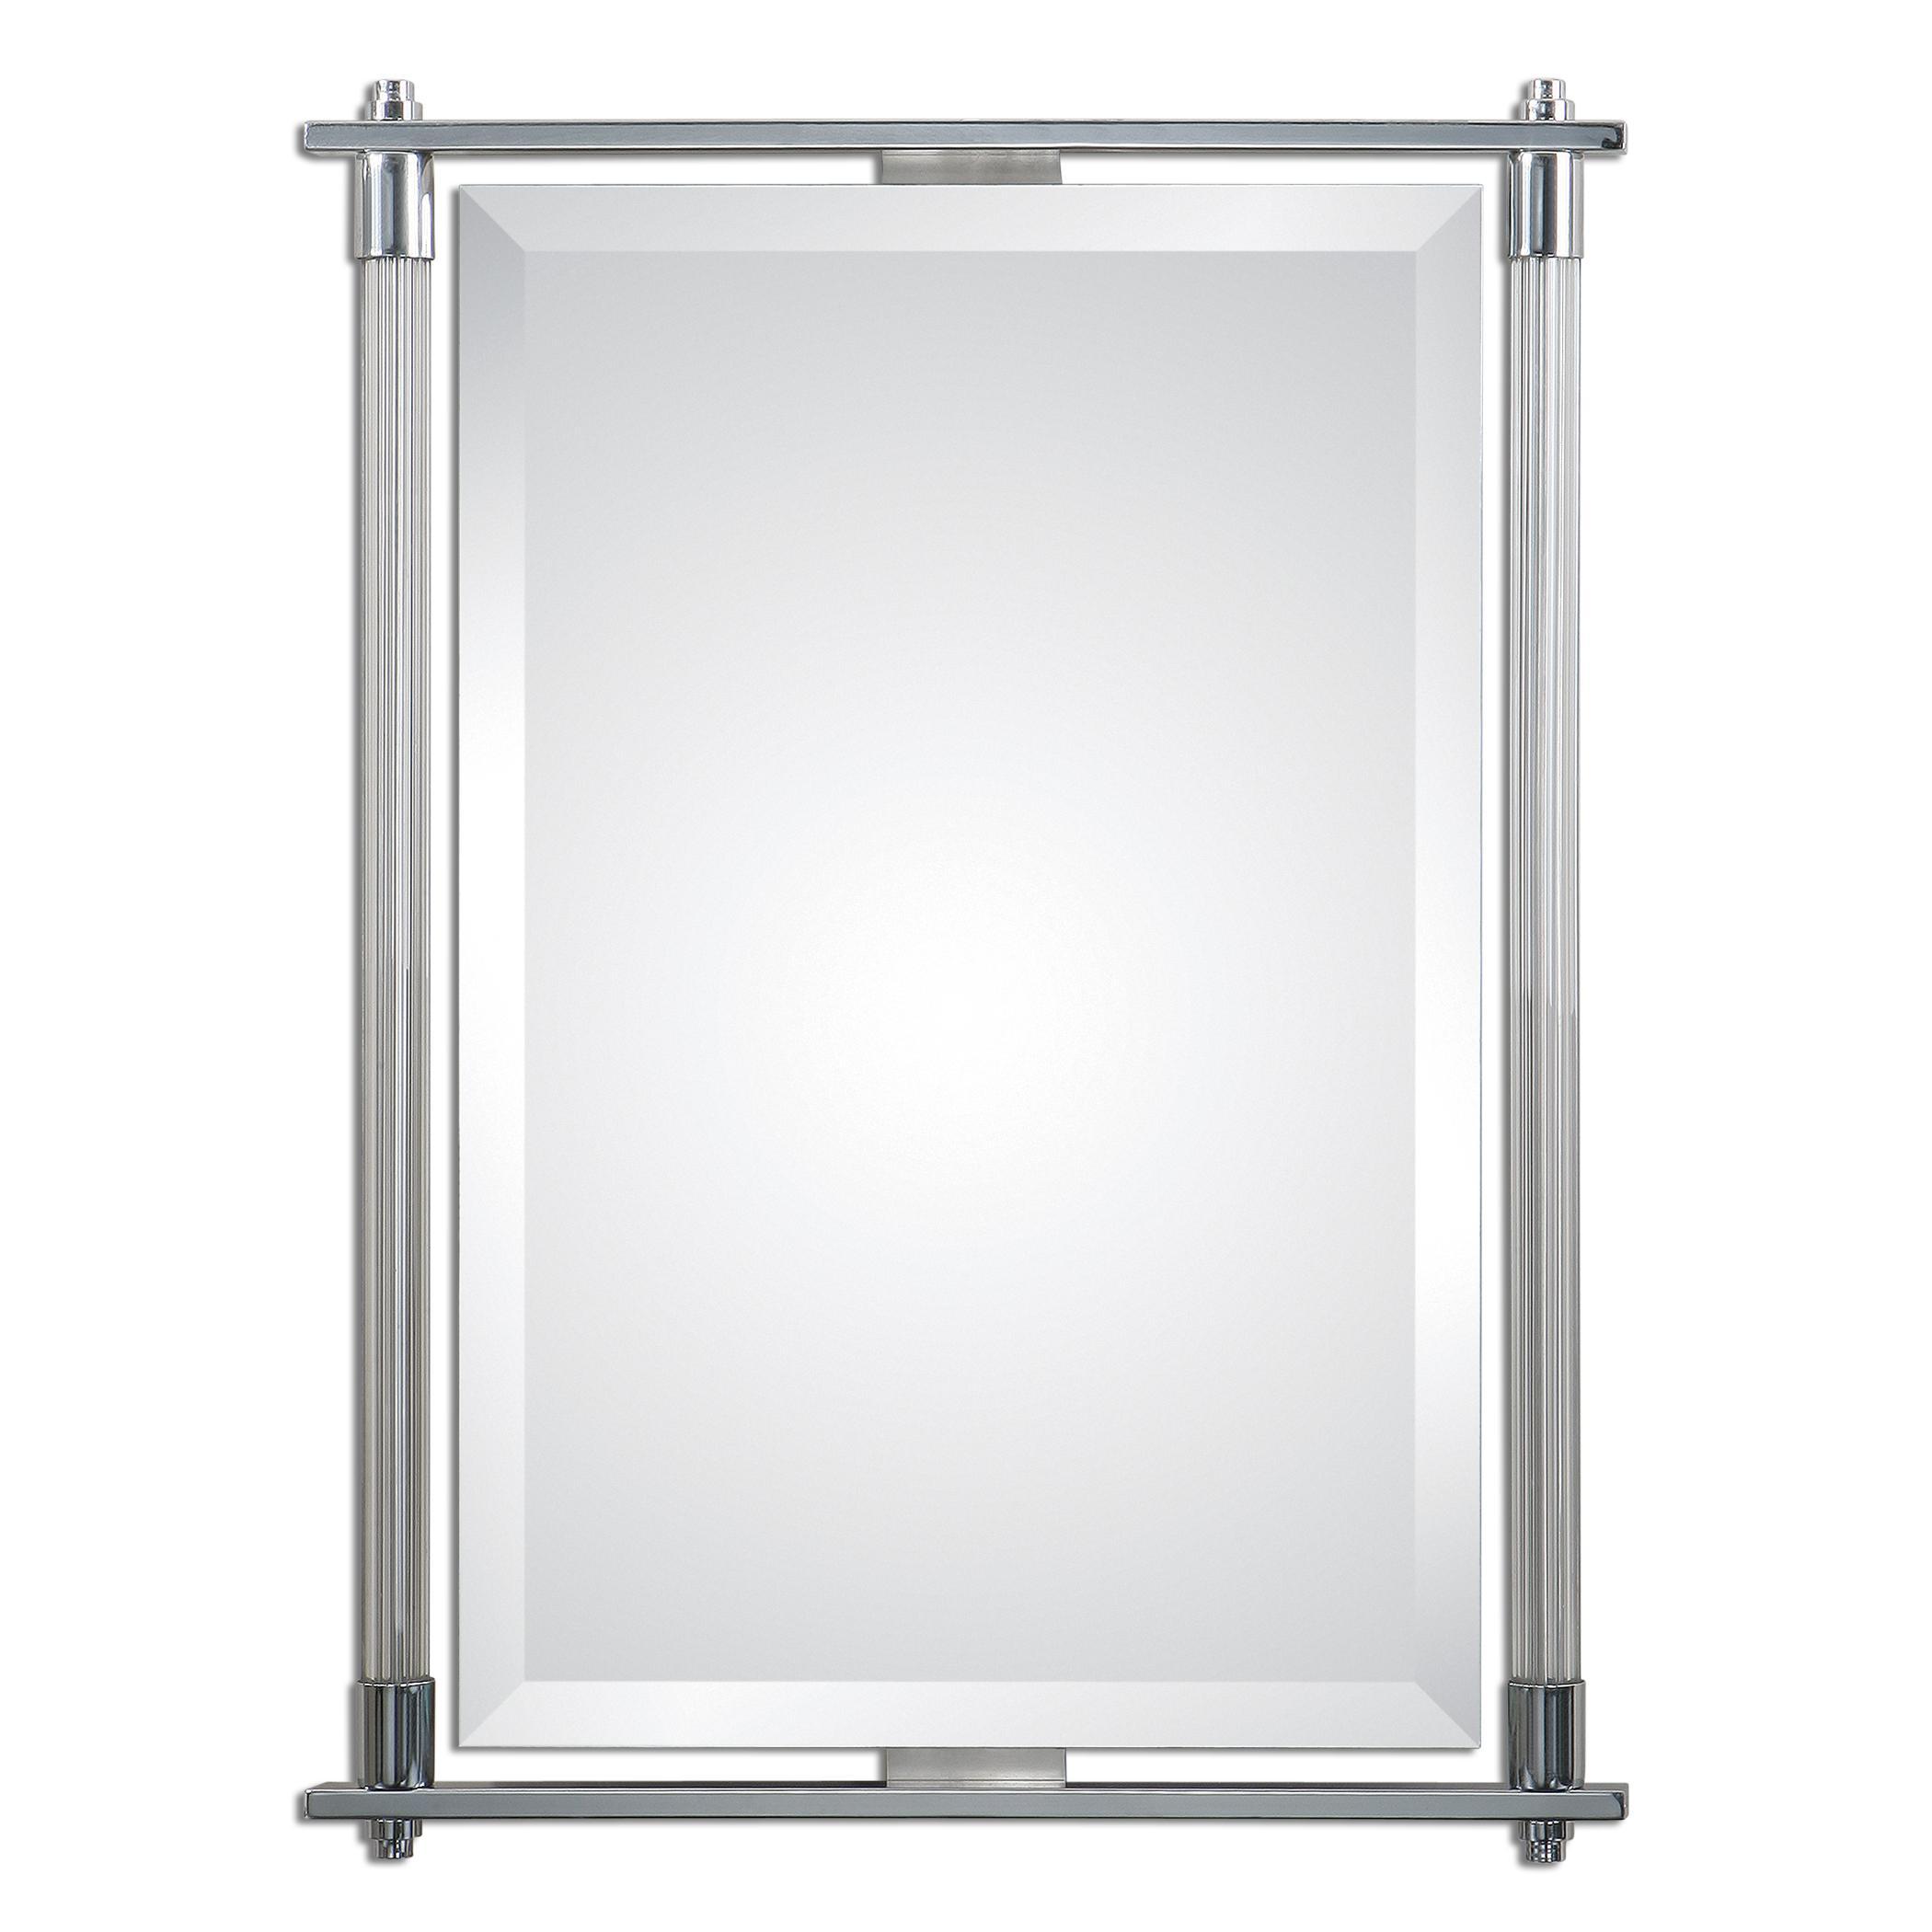 Uttermost Mirrors Adara Vanity Mirror - Item Number: 01127